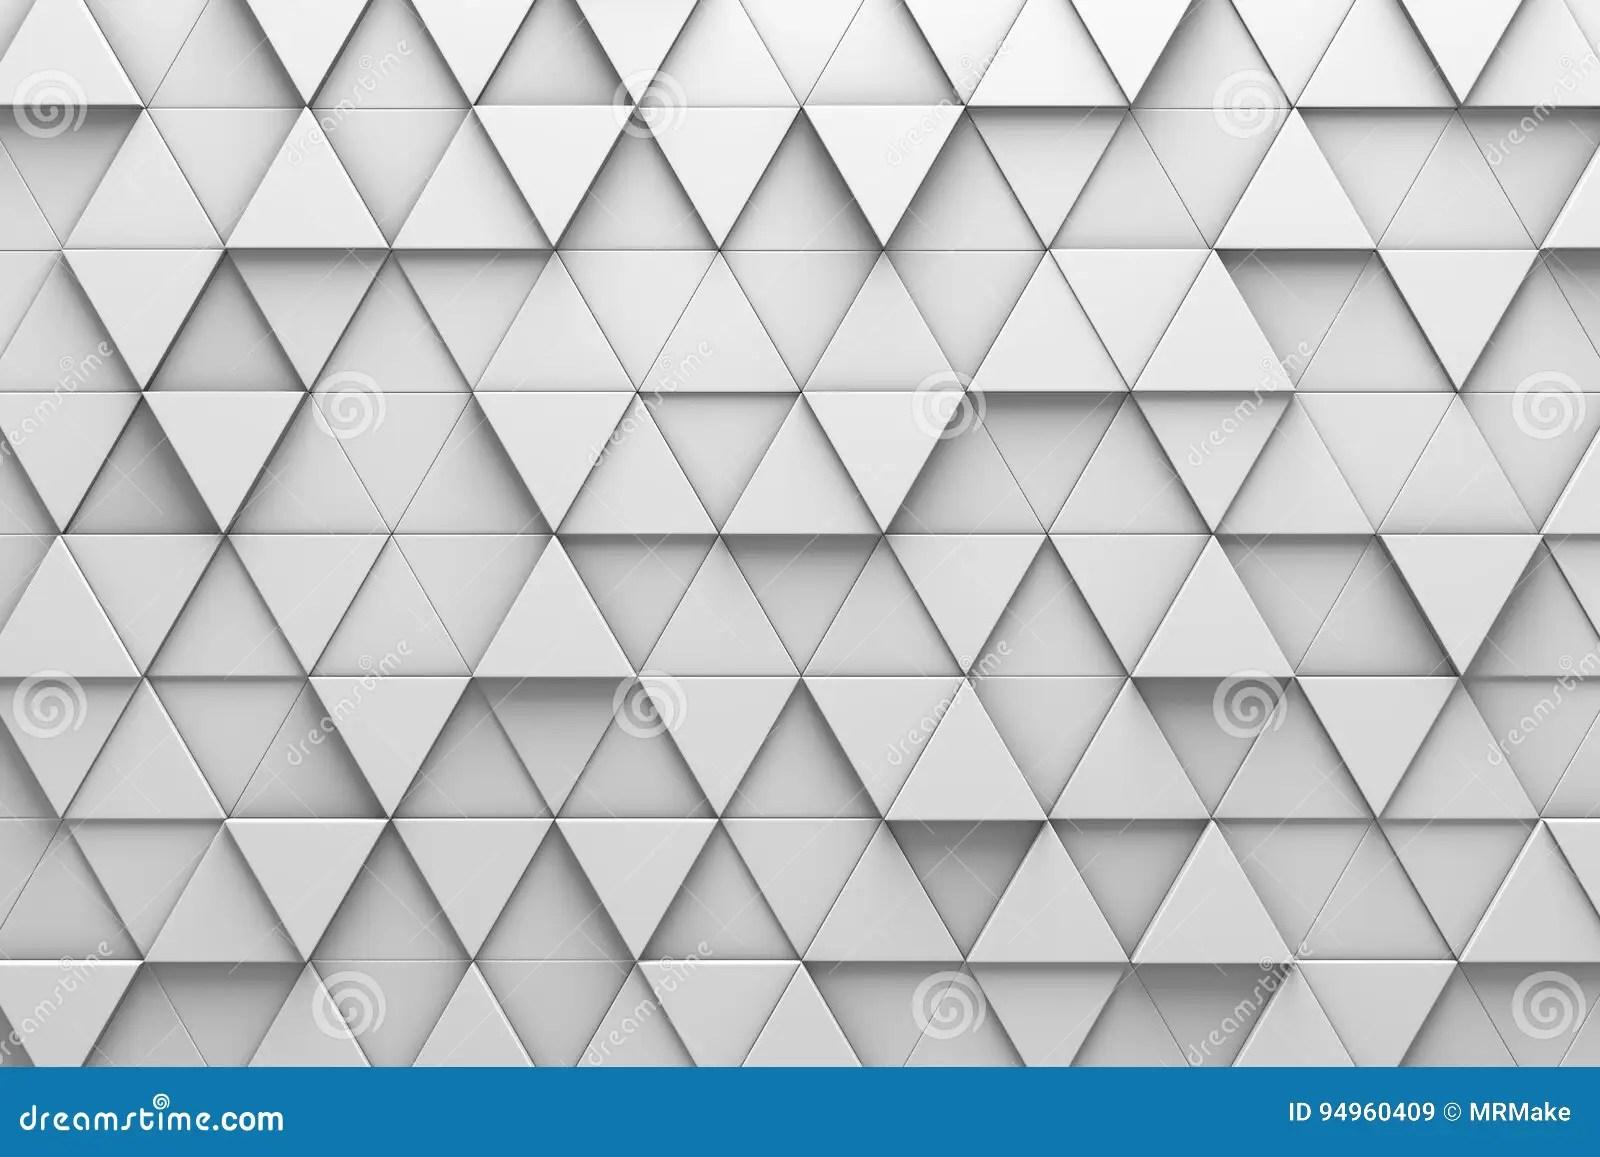 Fliesen Wand Muster Fliesen Legen Muster Fliesen Legen Muster